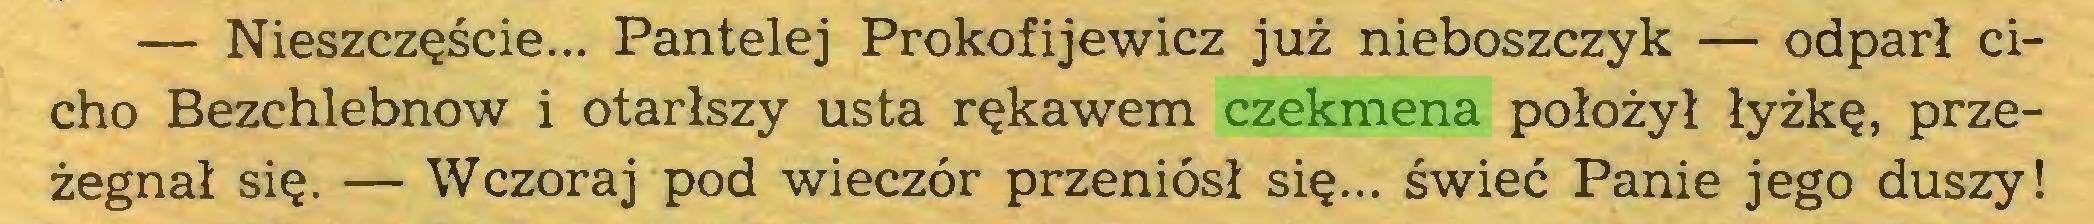 (...) — Nieszczęście... Pantelej Prokofijewicz już nieboszczyk — odparł cicho Bezchlebnow i otarłszy usta rękawem czekmena położył łyżkę, przeżegnał się. — Wczoraj pod wieczór przeniósł się... świeć Panie jego duszy!...